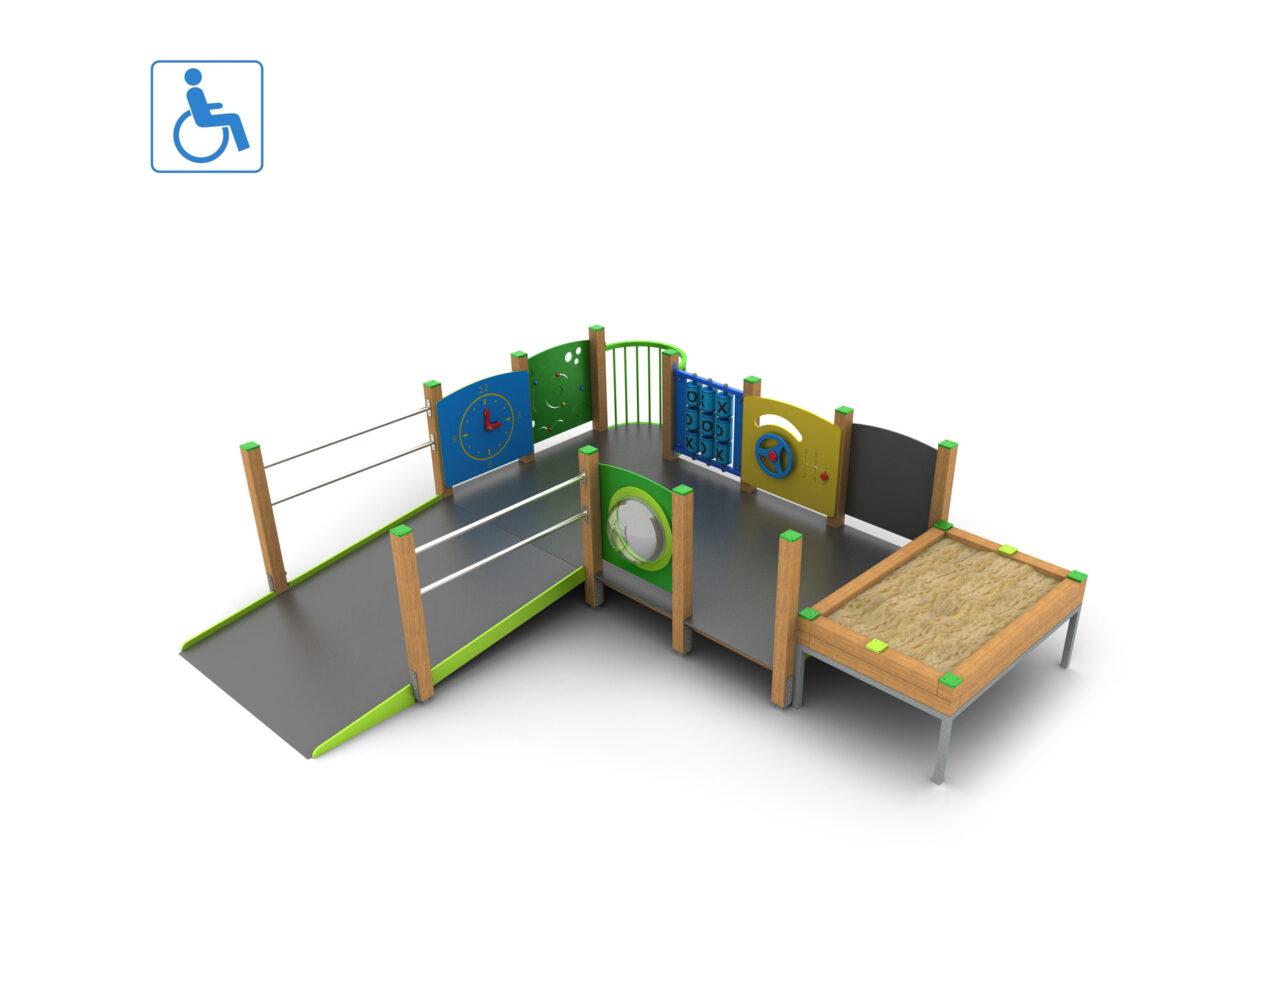 Integracyjne place zabaw dla niepełnosprawnych producent